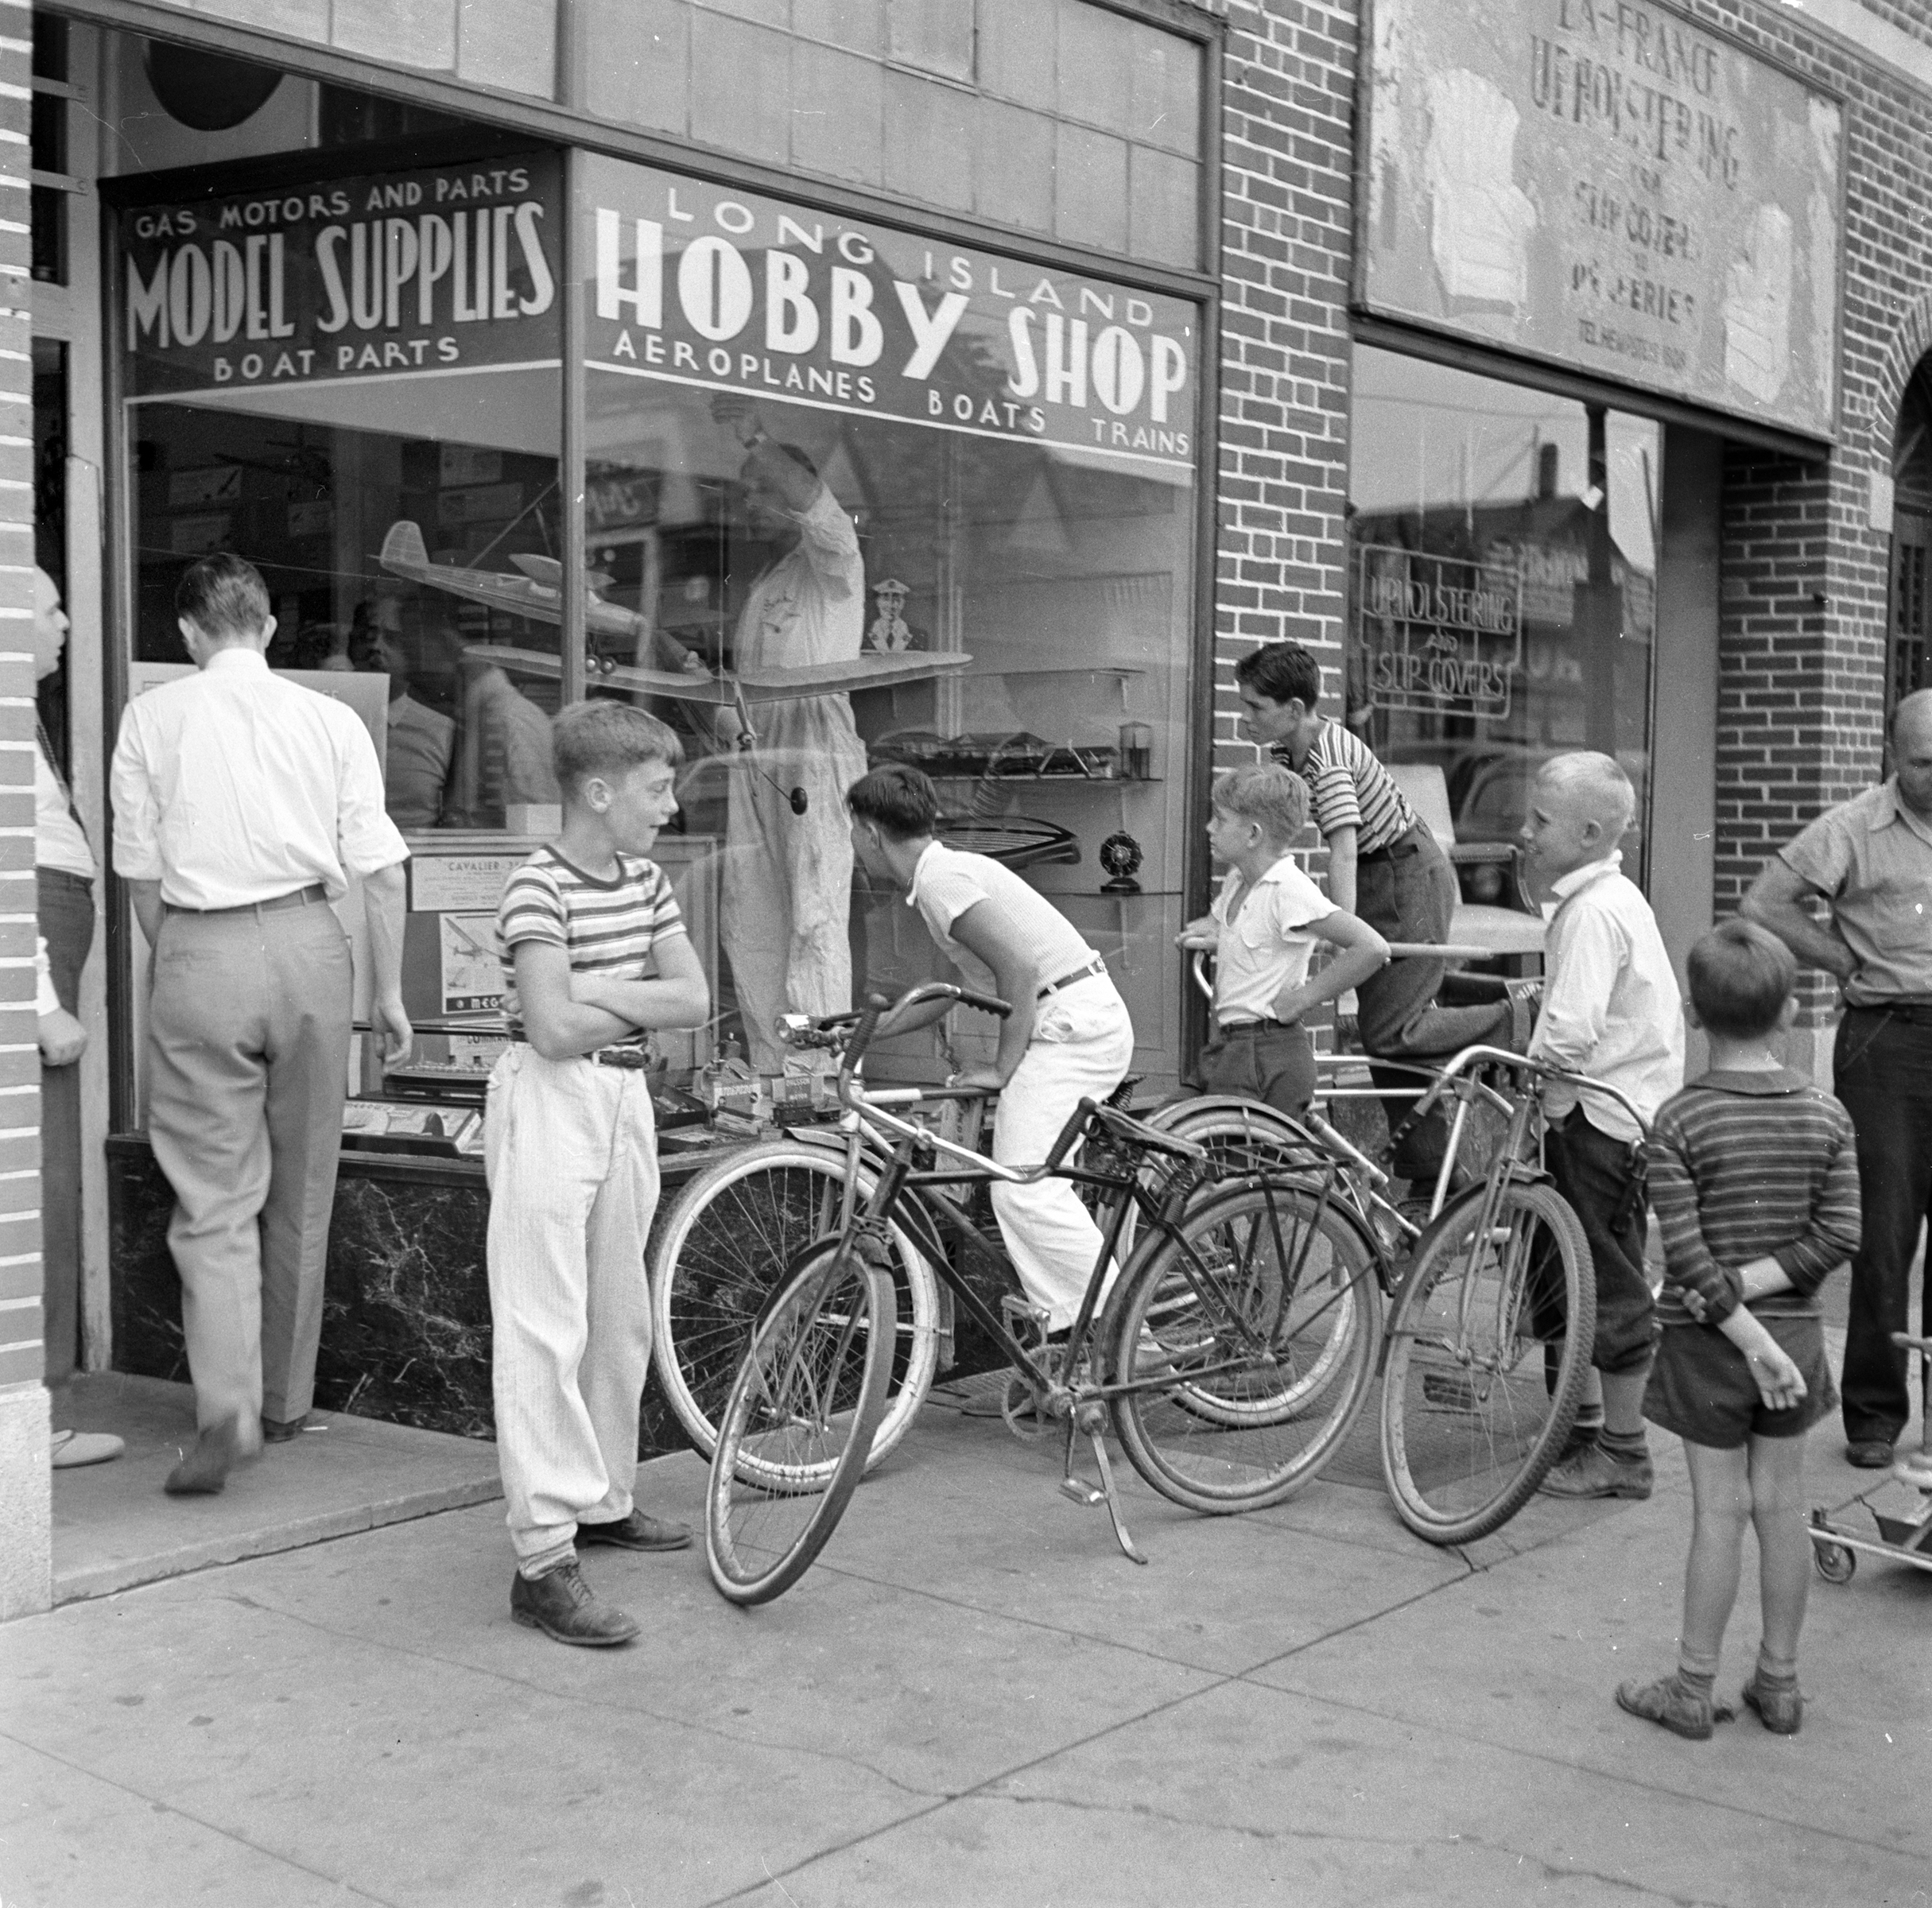 一群男孩,有些骑着自行车,站在长岛业余爱好商店的入口前